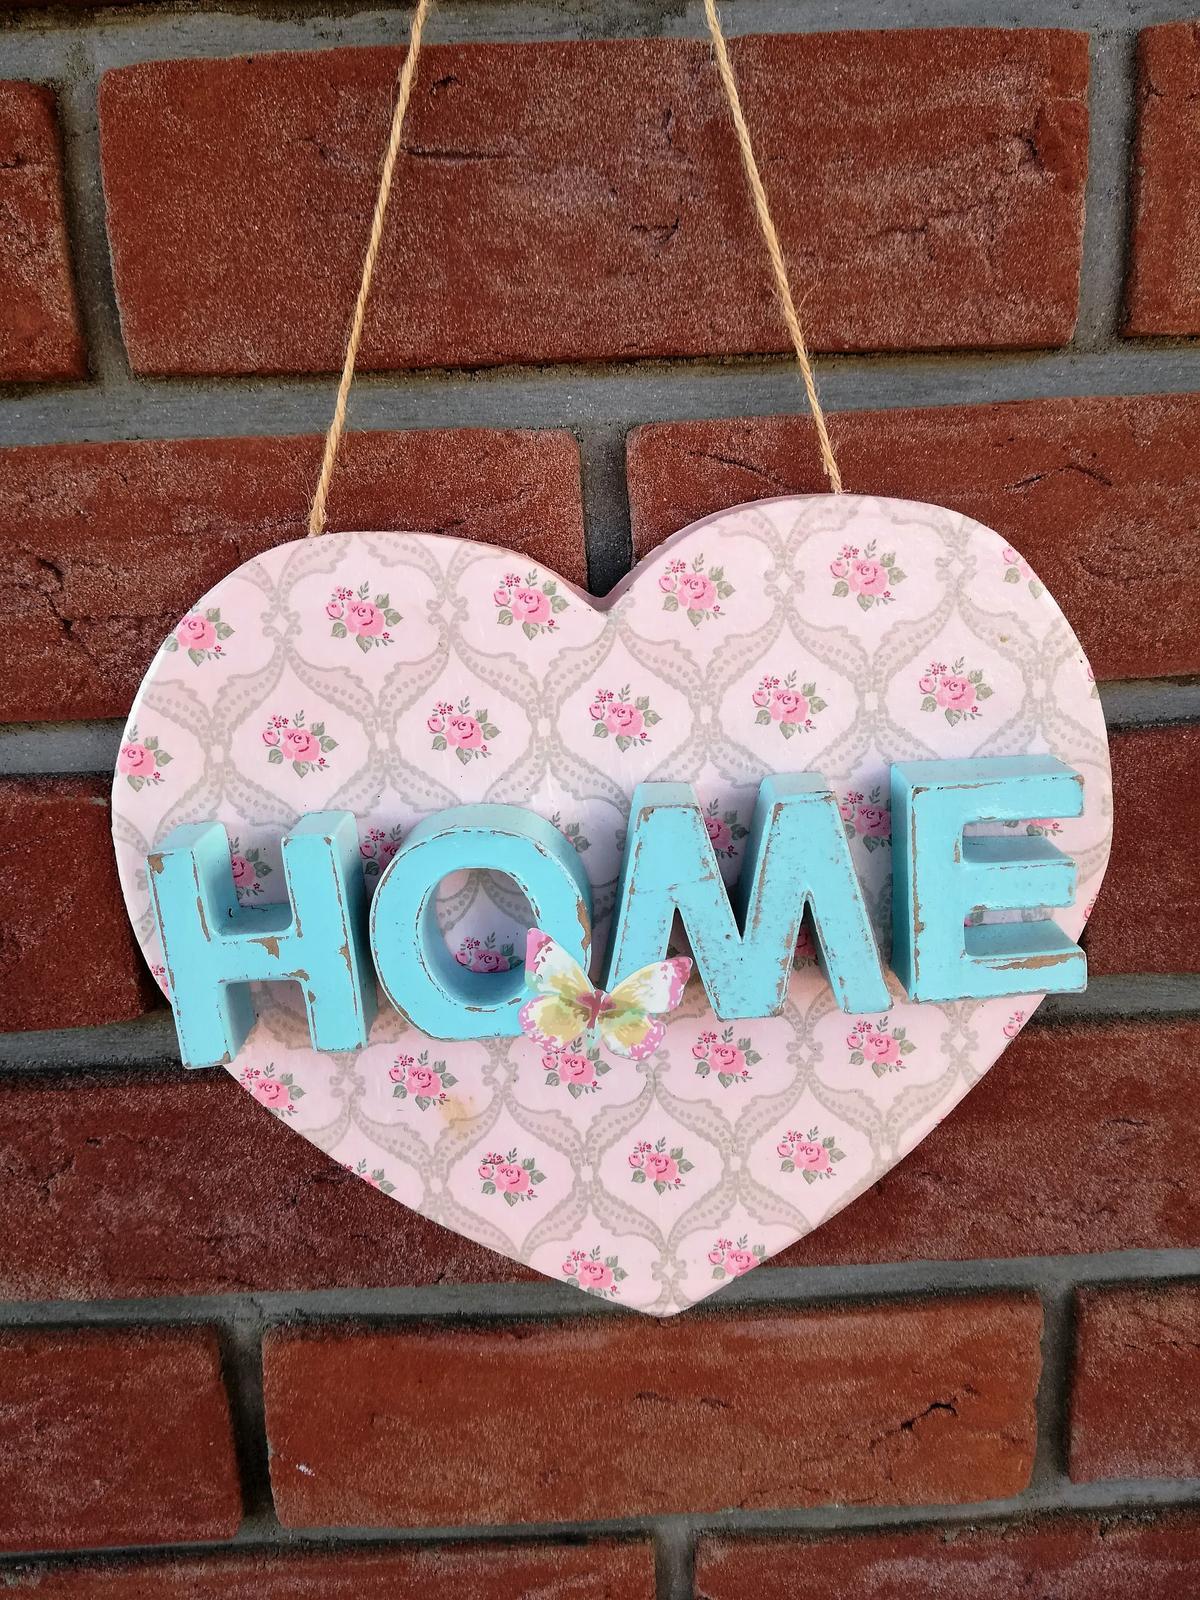 dekorácia srdce-home - Obrázok č. 1